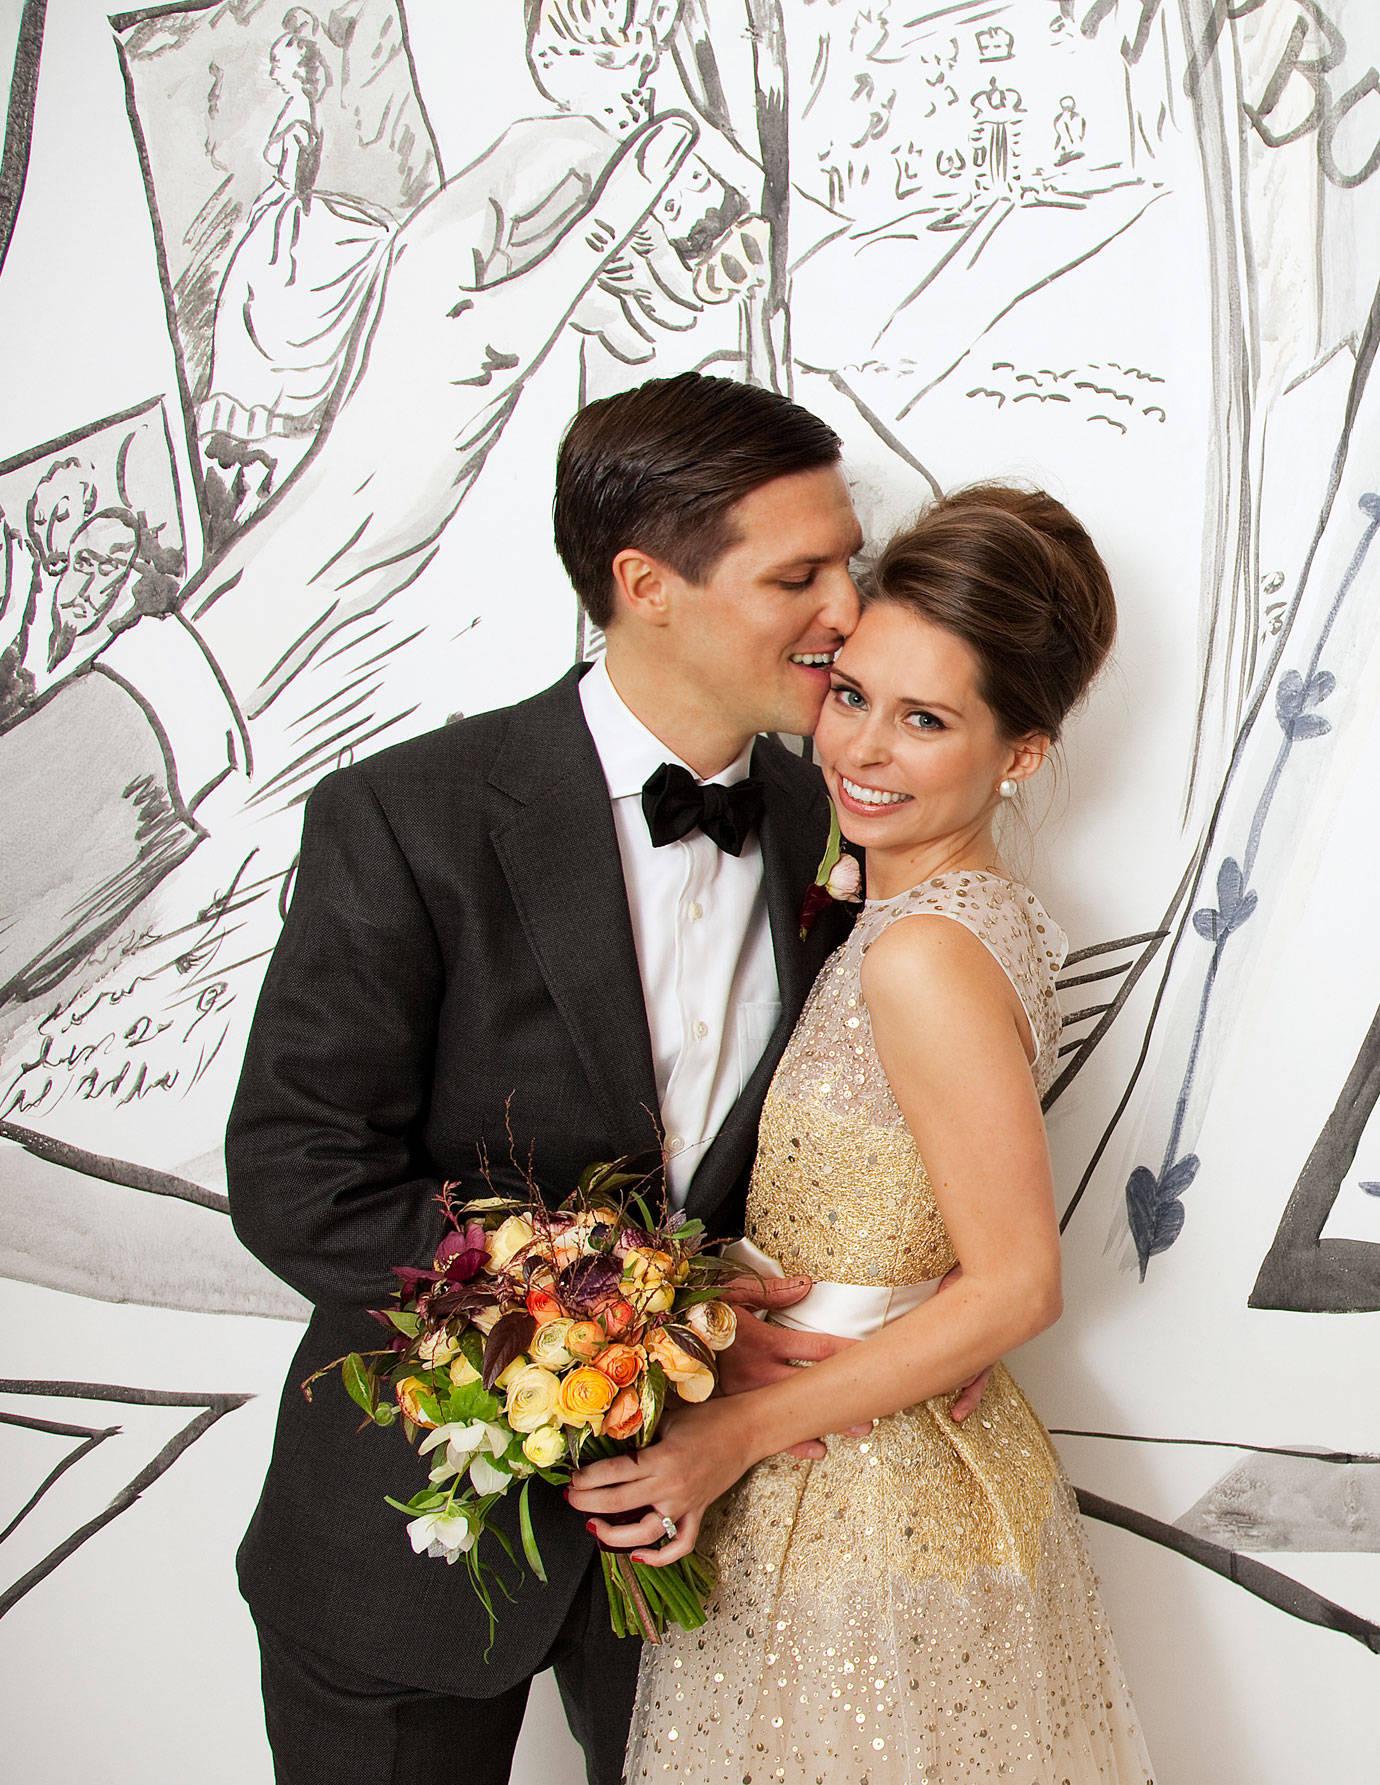 annie dean amp peter zaitzeff wedding dean marries